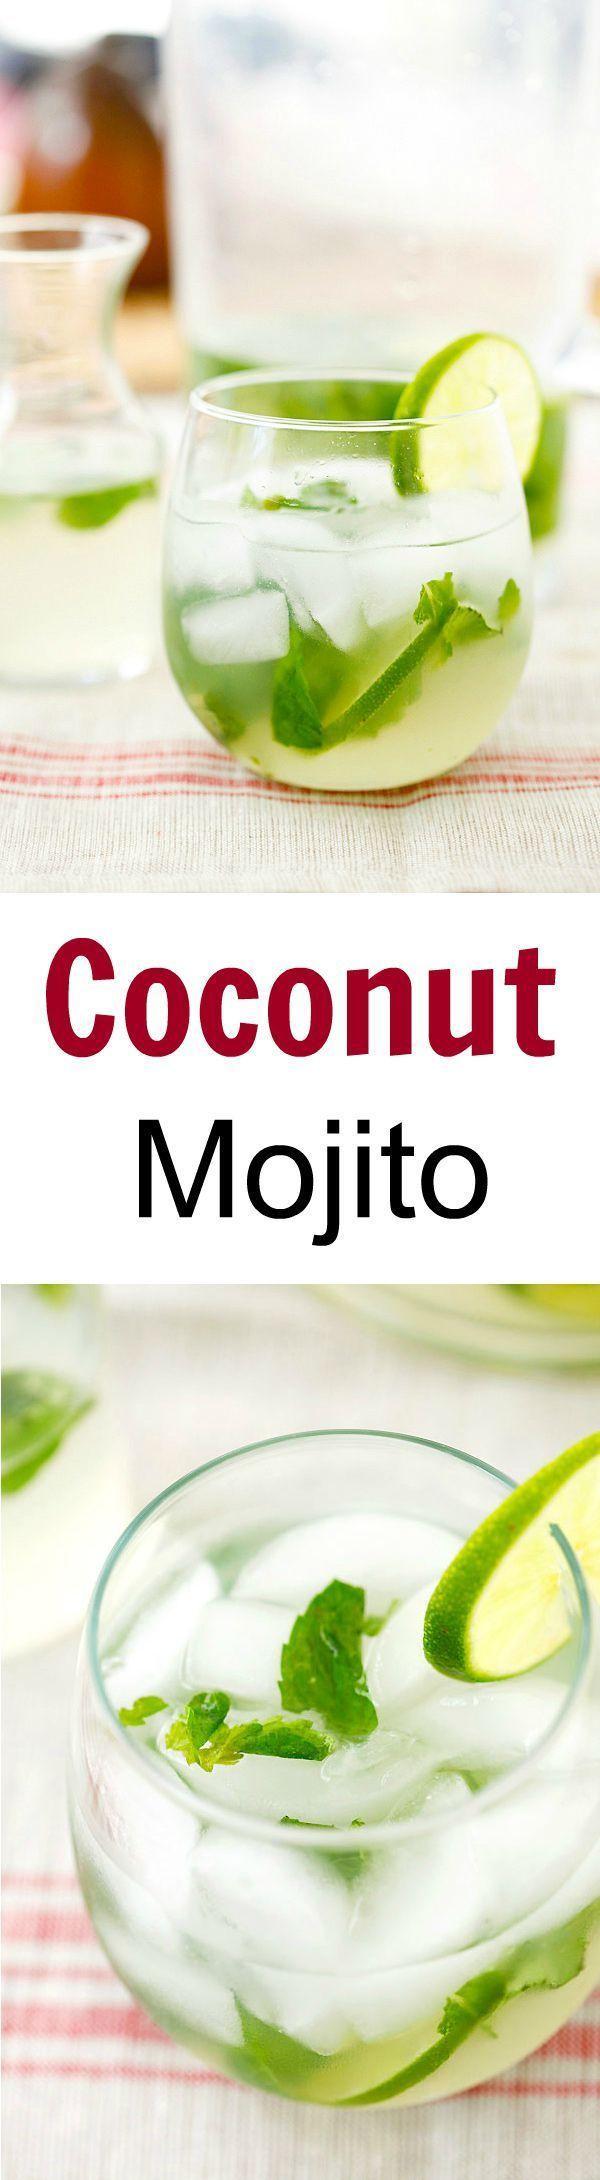 Wedding - Coconut Mojito